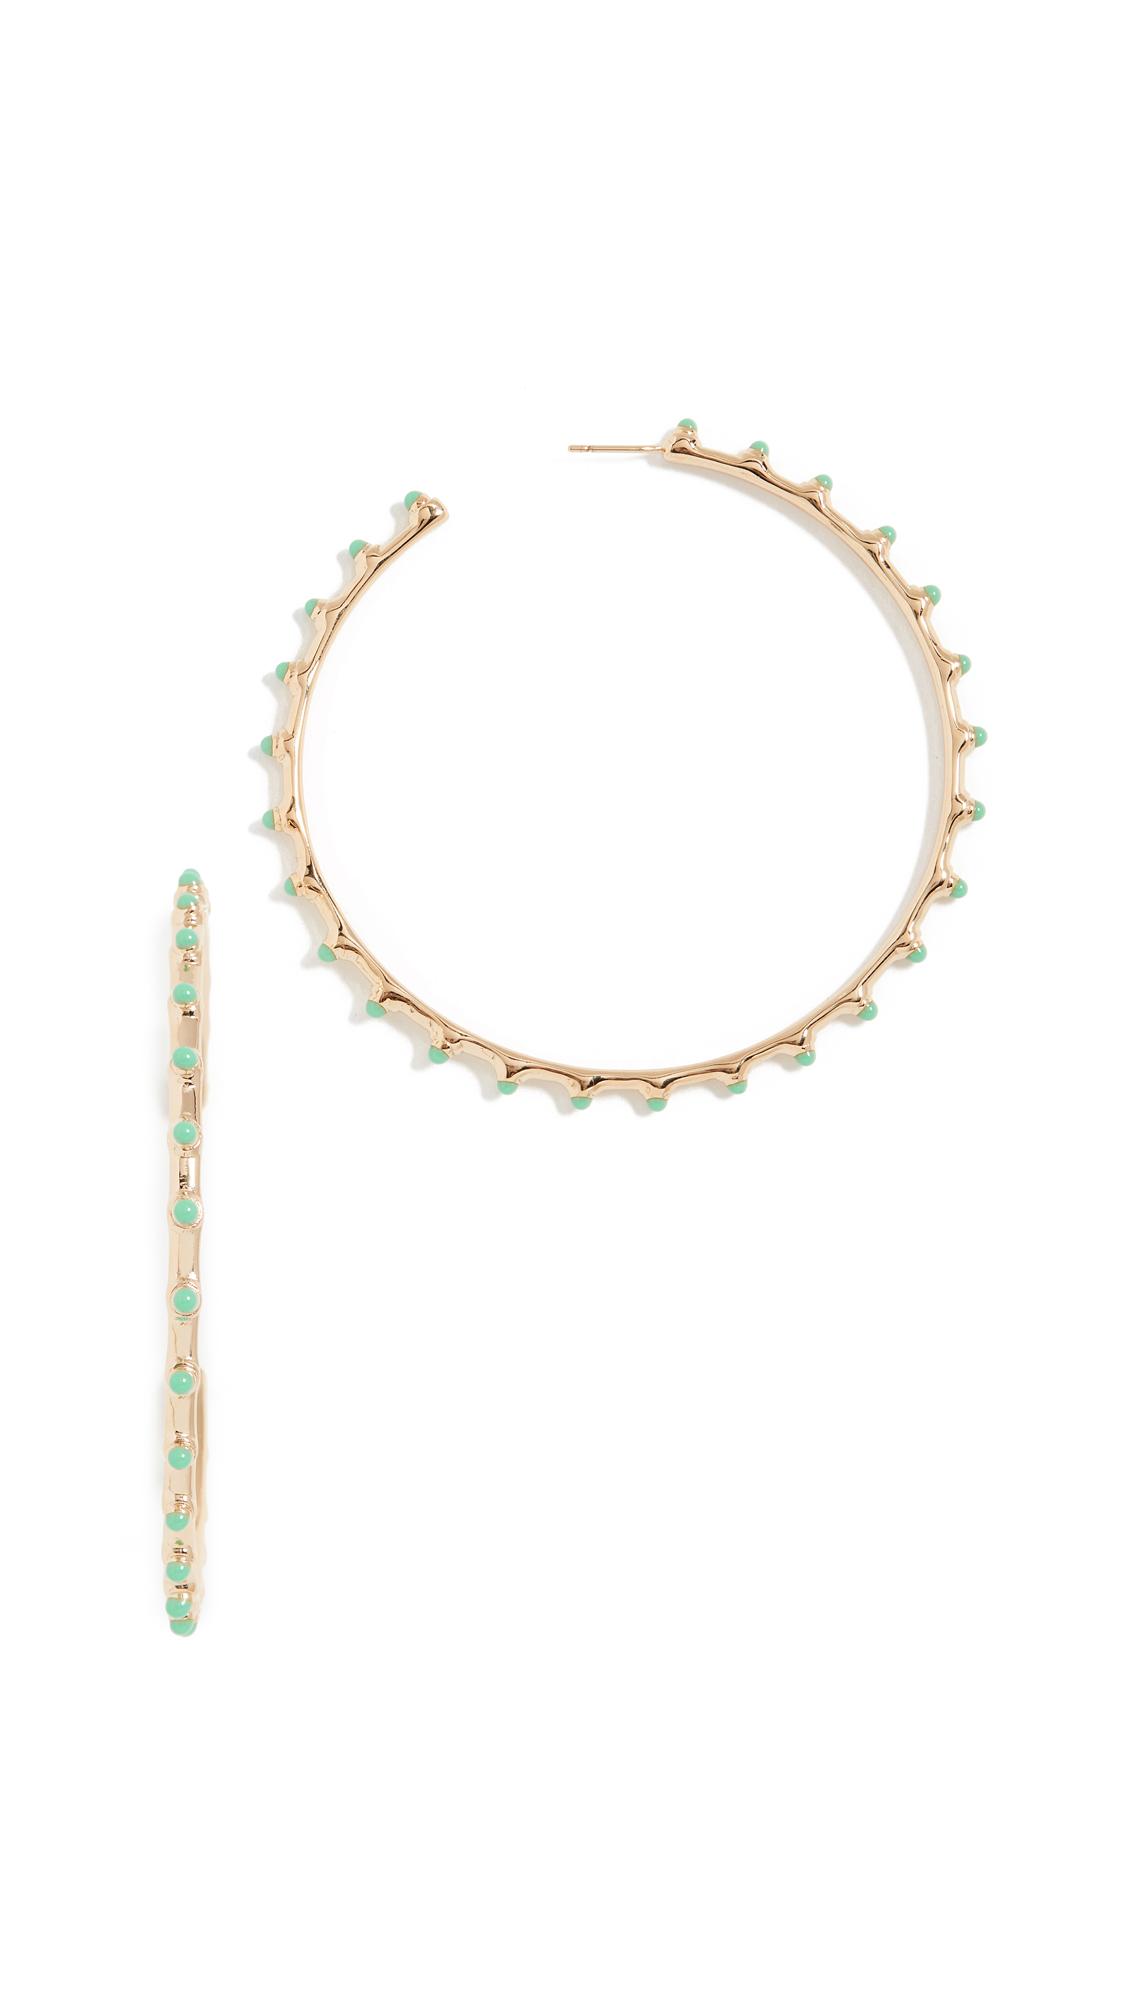 Aurelie Bidermann Hoop Earrings - Turquoise